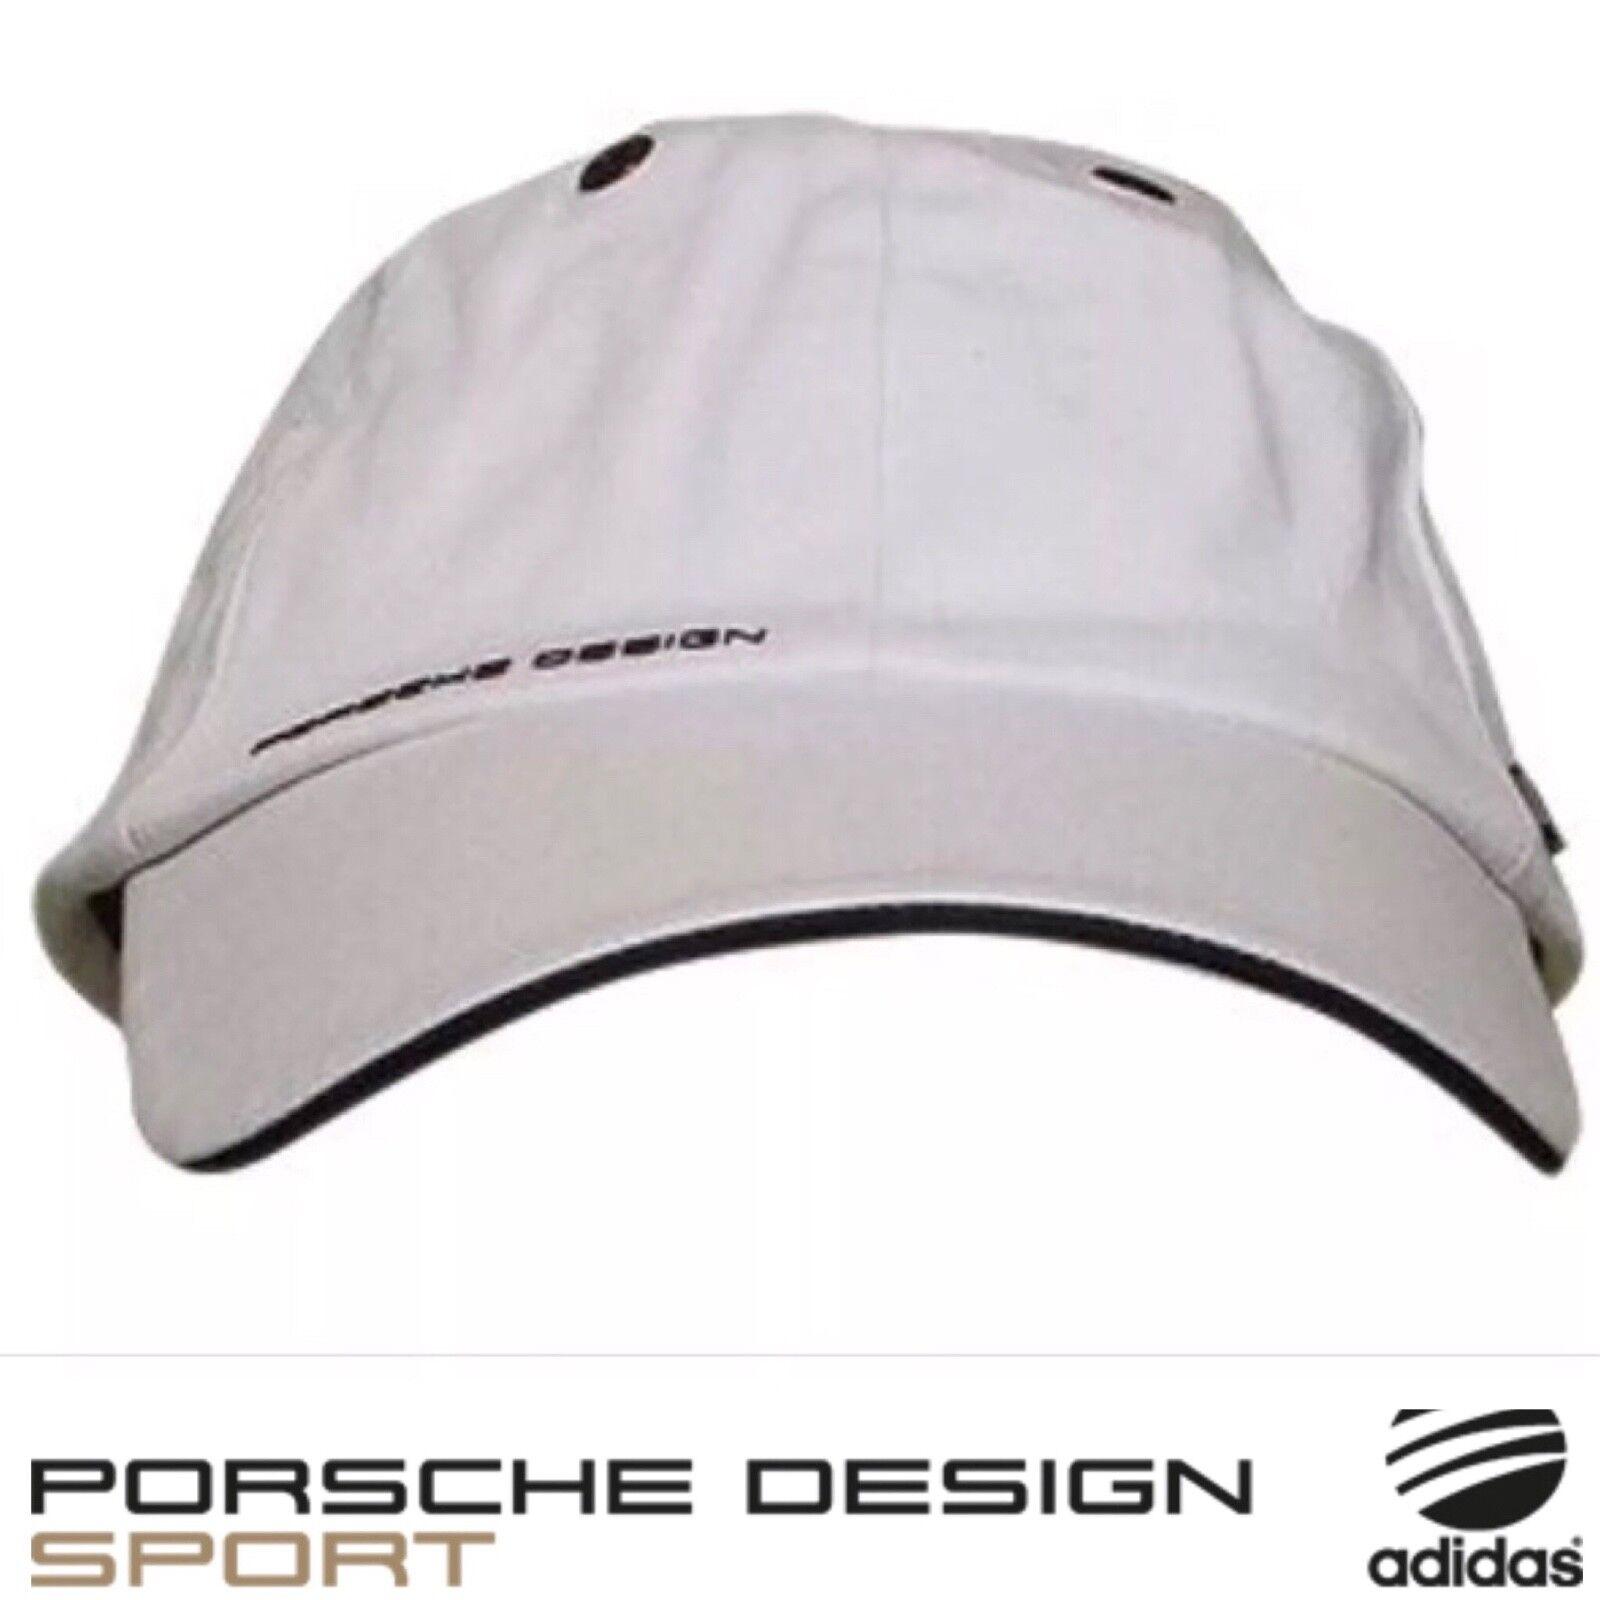 6e031261b2c Porsche Design Sport by adidas P 5000 Pro Stretch Cap Hat White Titanium  for sale online